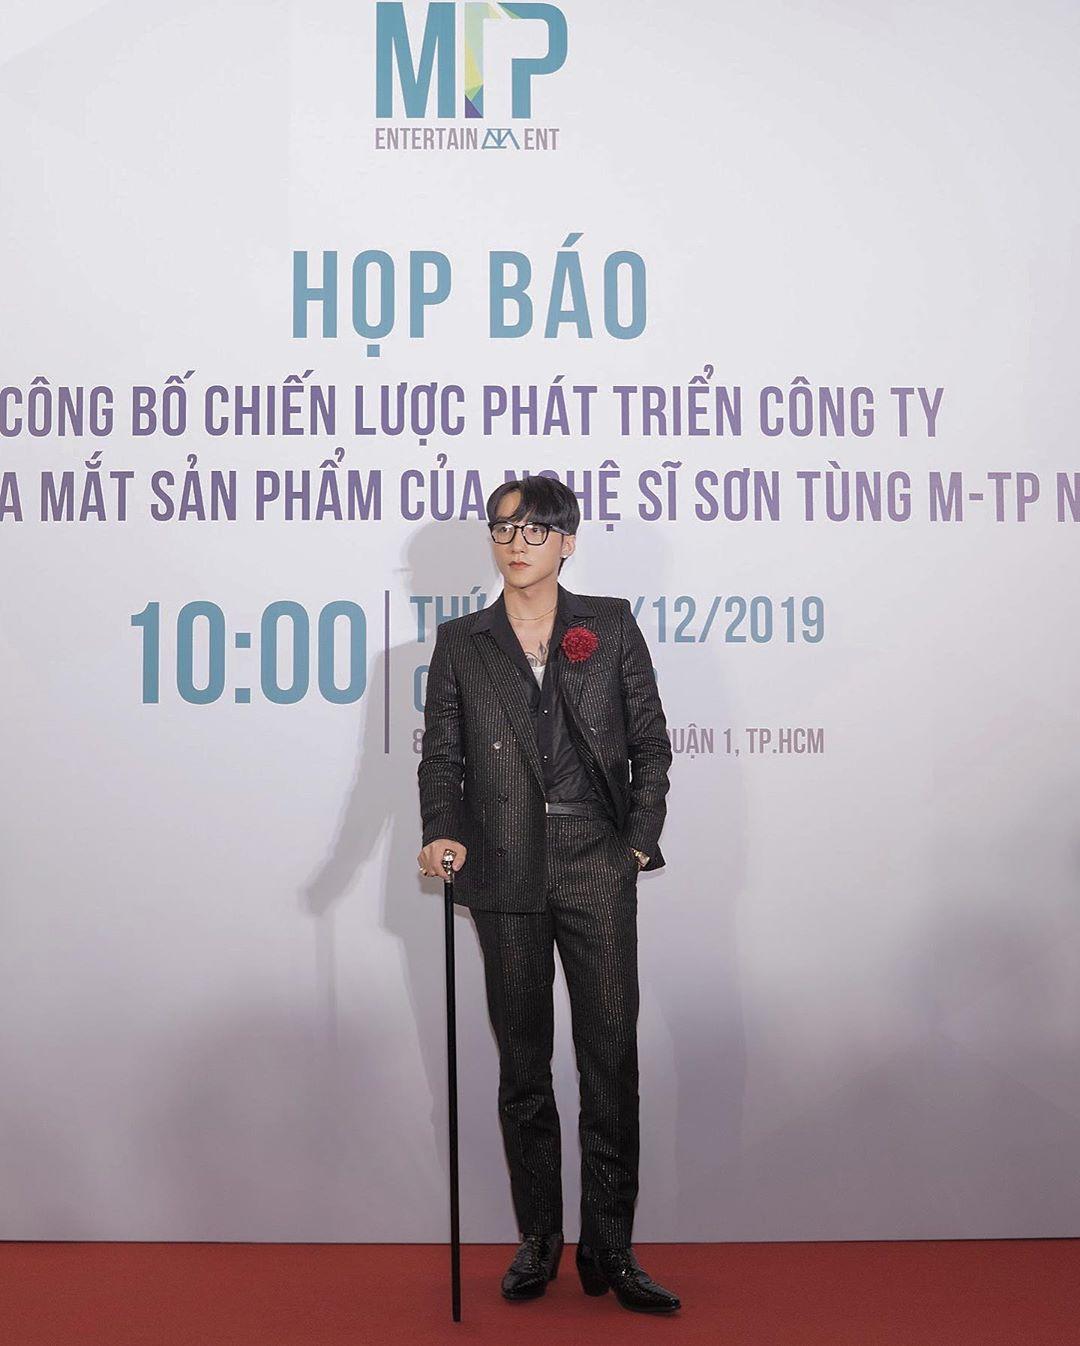 Sơn Tùng MTP - sao nam mặc đẹp tuần 3 tháng 12